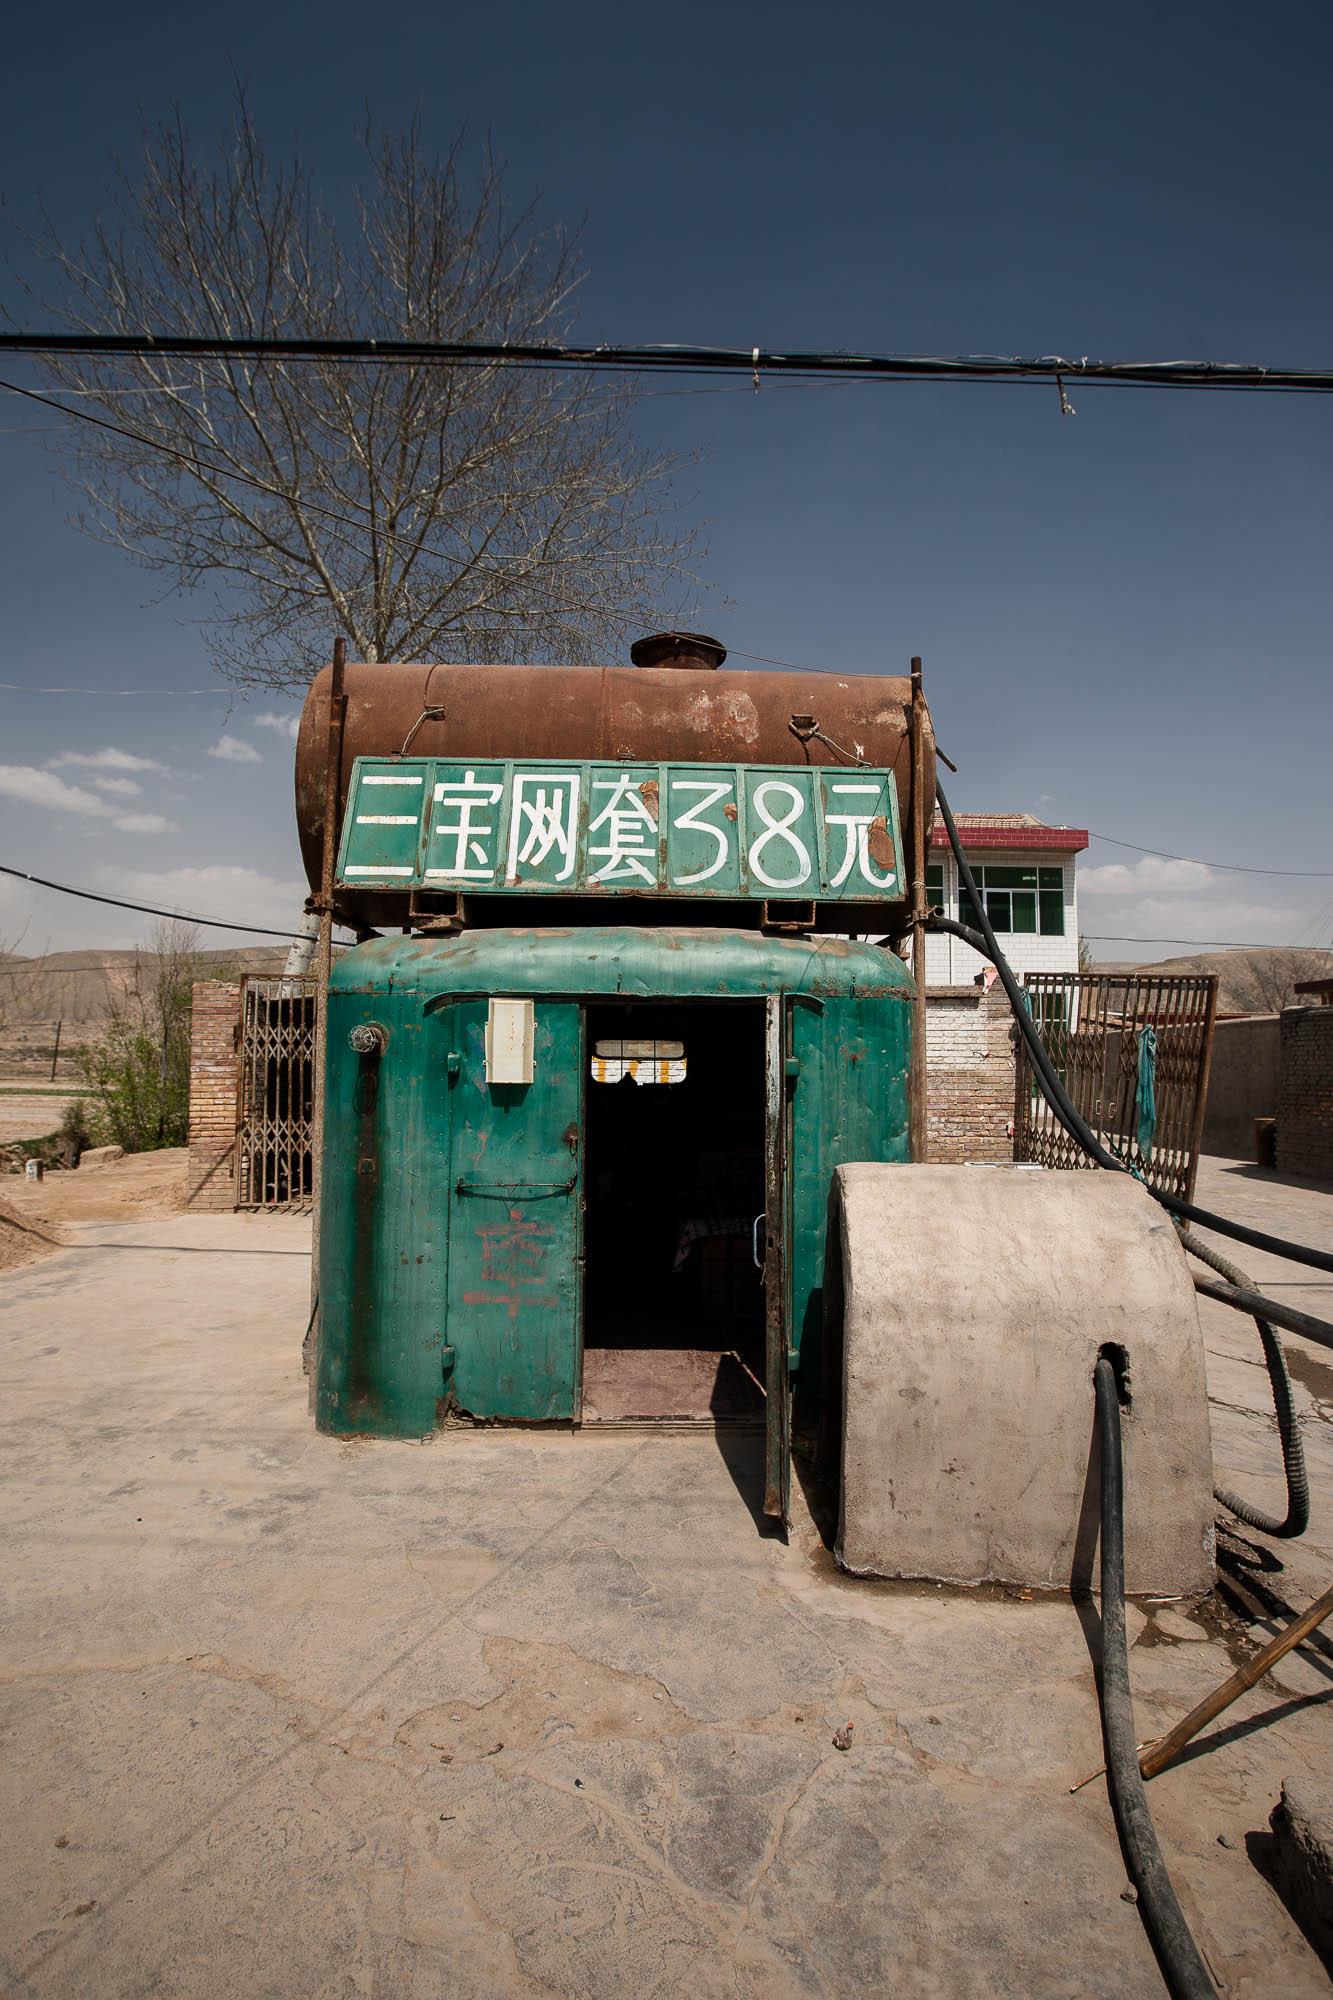 38 yuan door